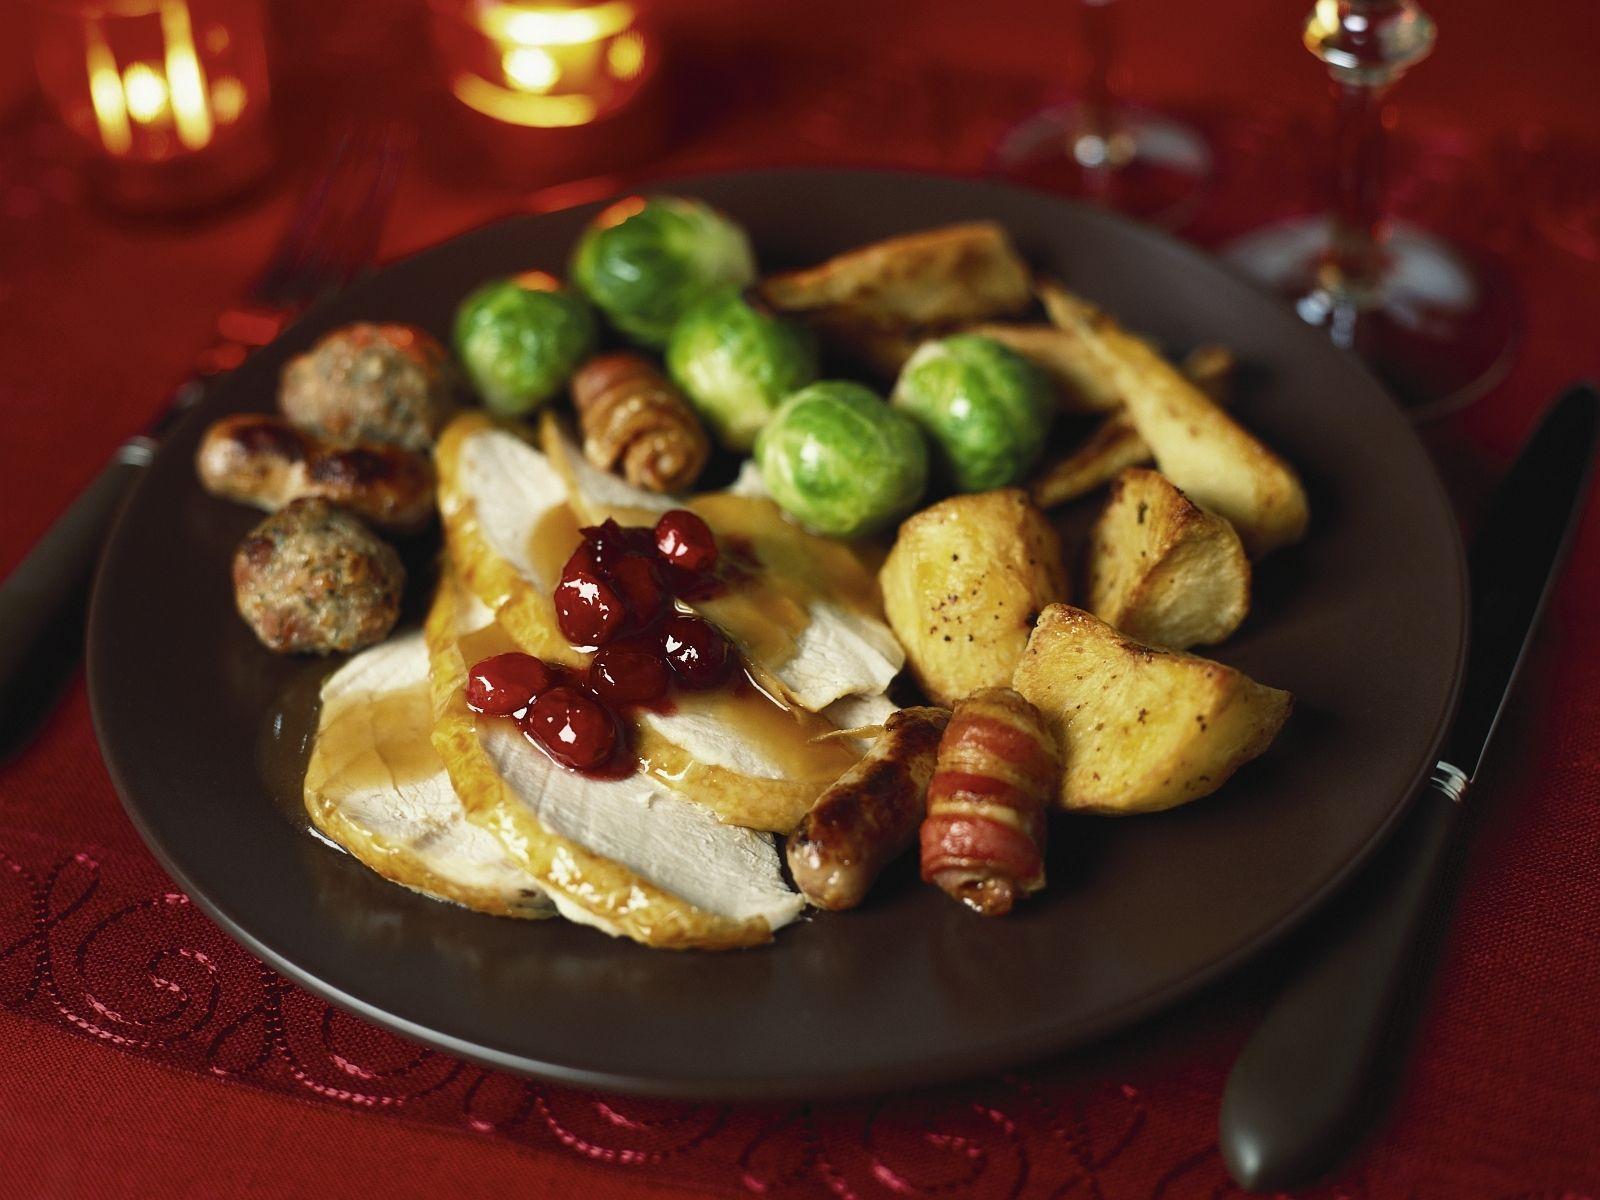 Weihnachtlicher Putenbraten | Zeit: 1 Std. 45 Min. | http://eatsmarter.de/rezepte/weihnachtlicher-putenbraten-0